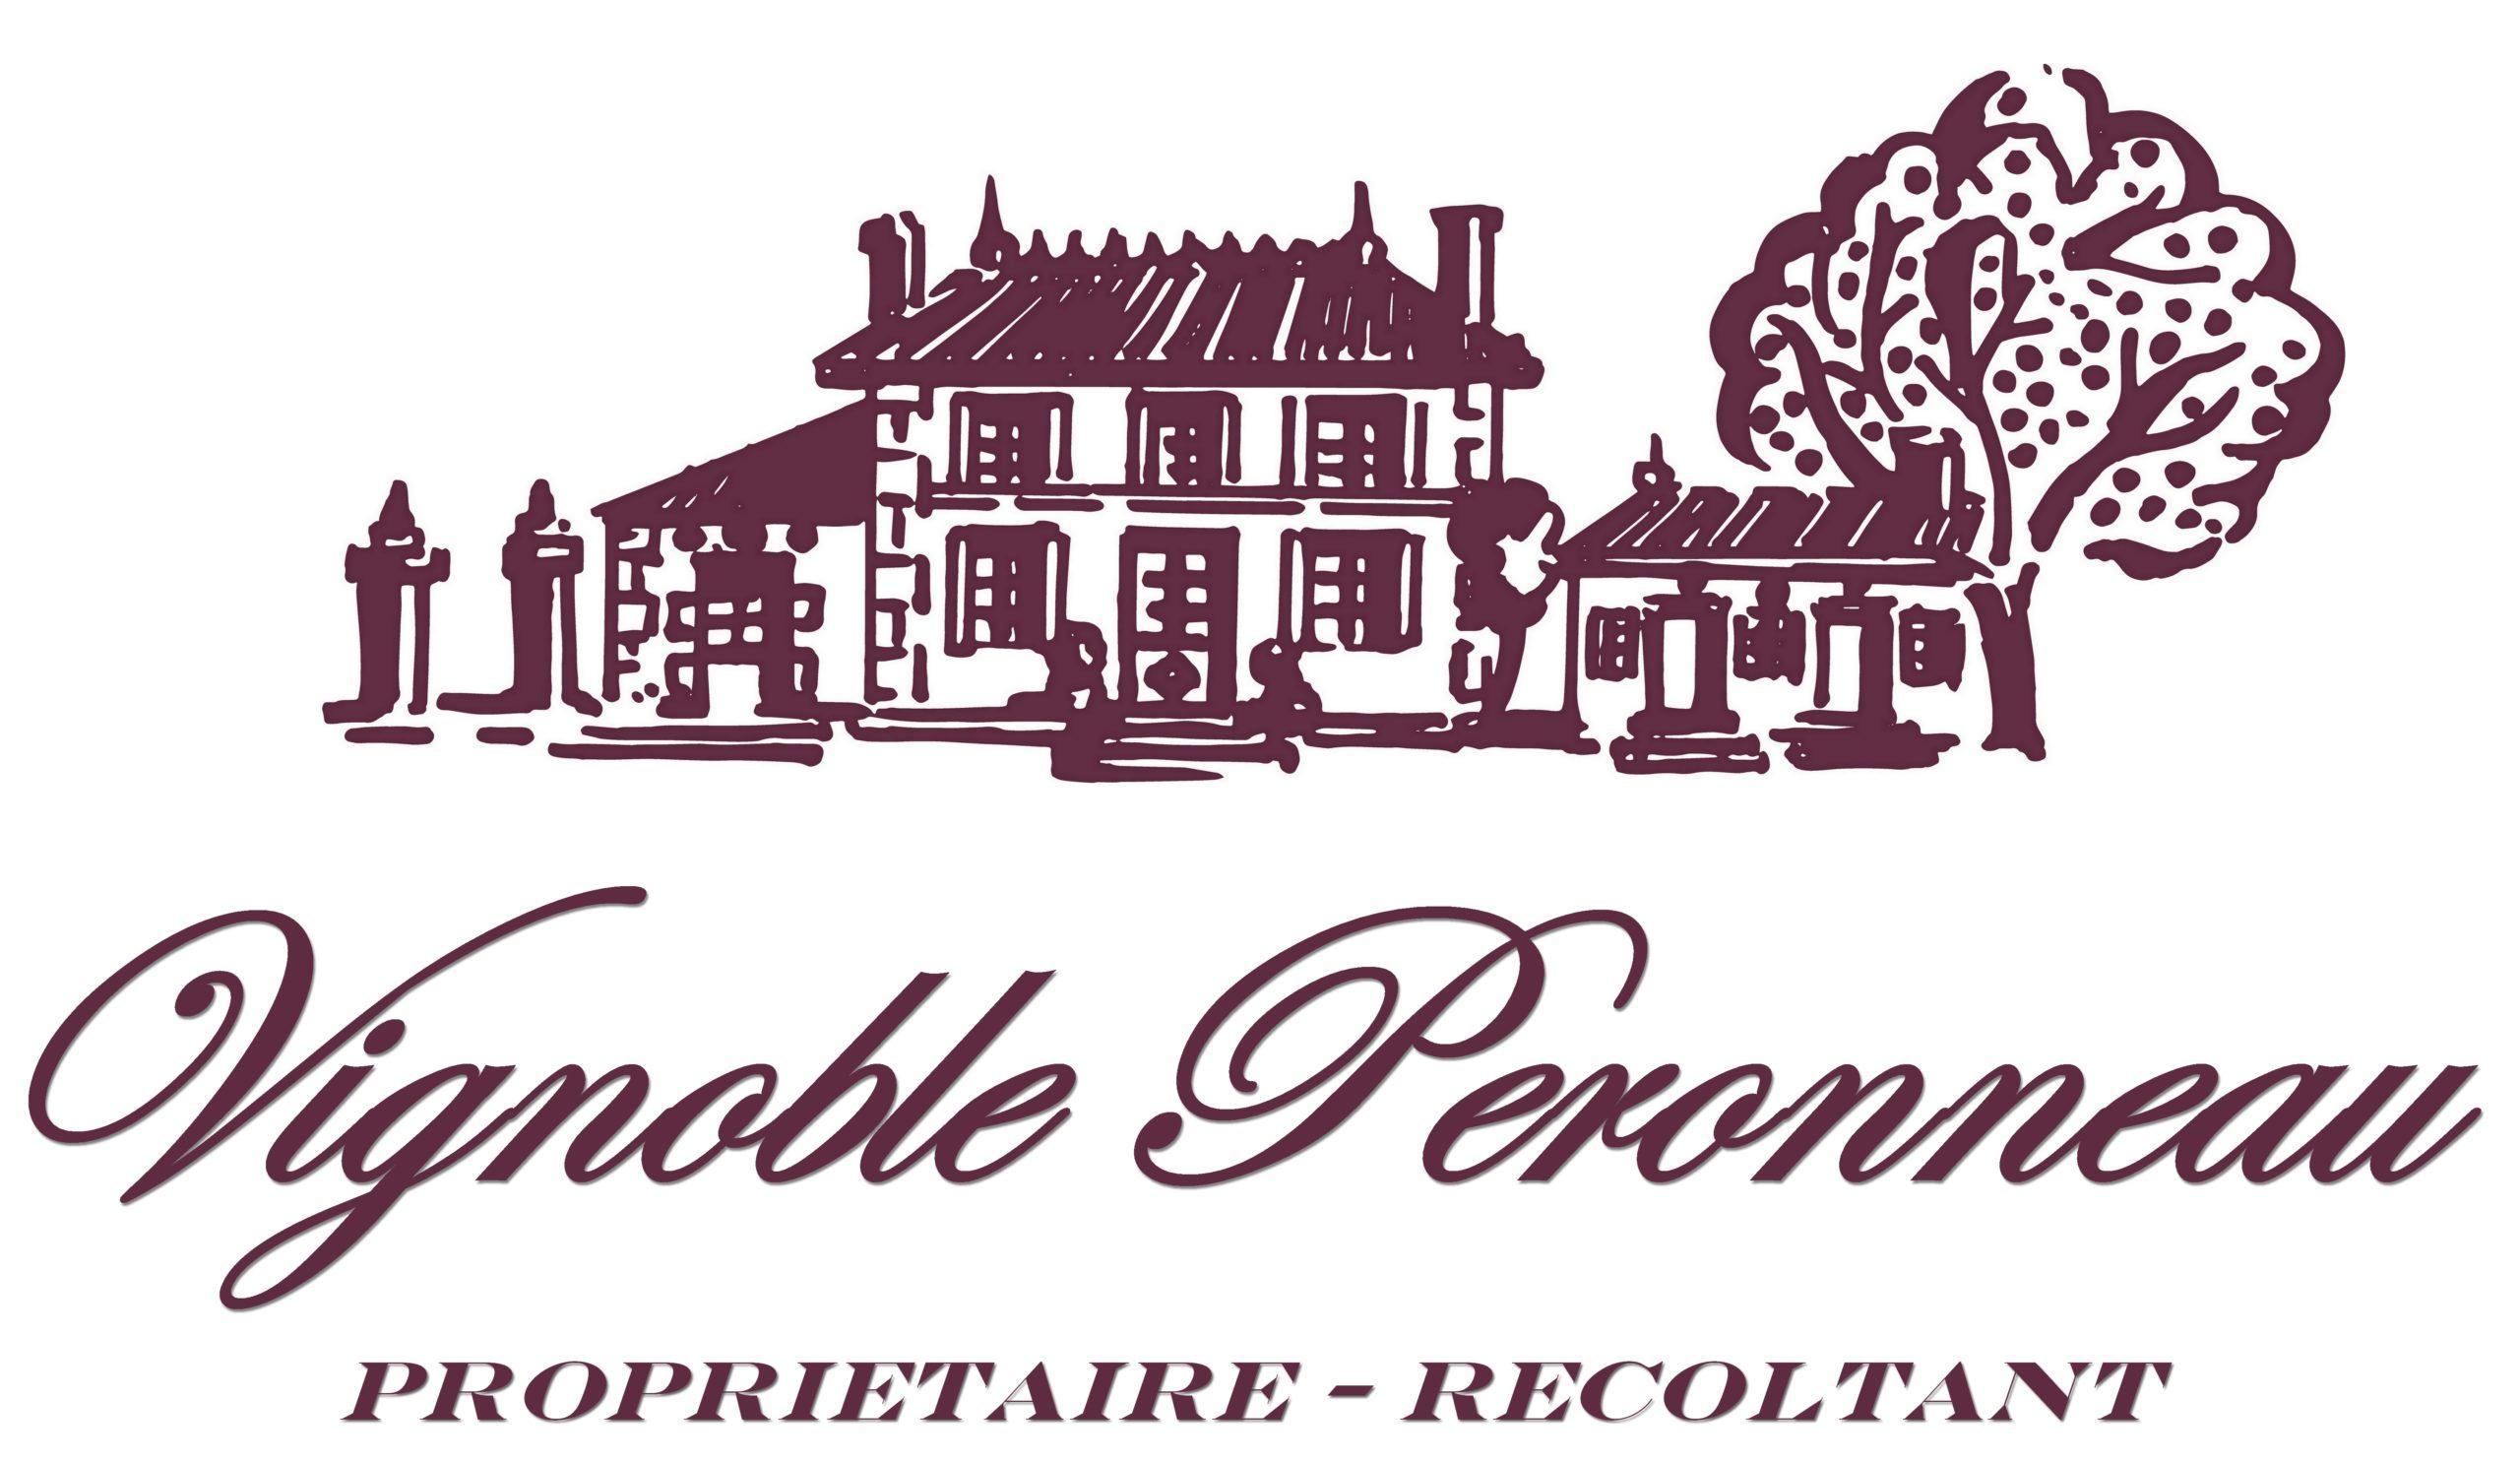 logo de Vignoble Peronneau